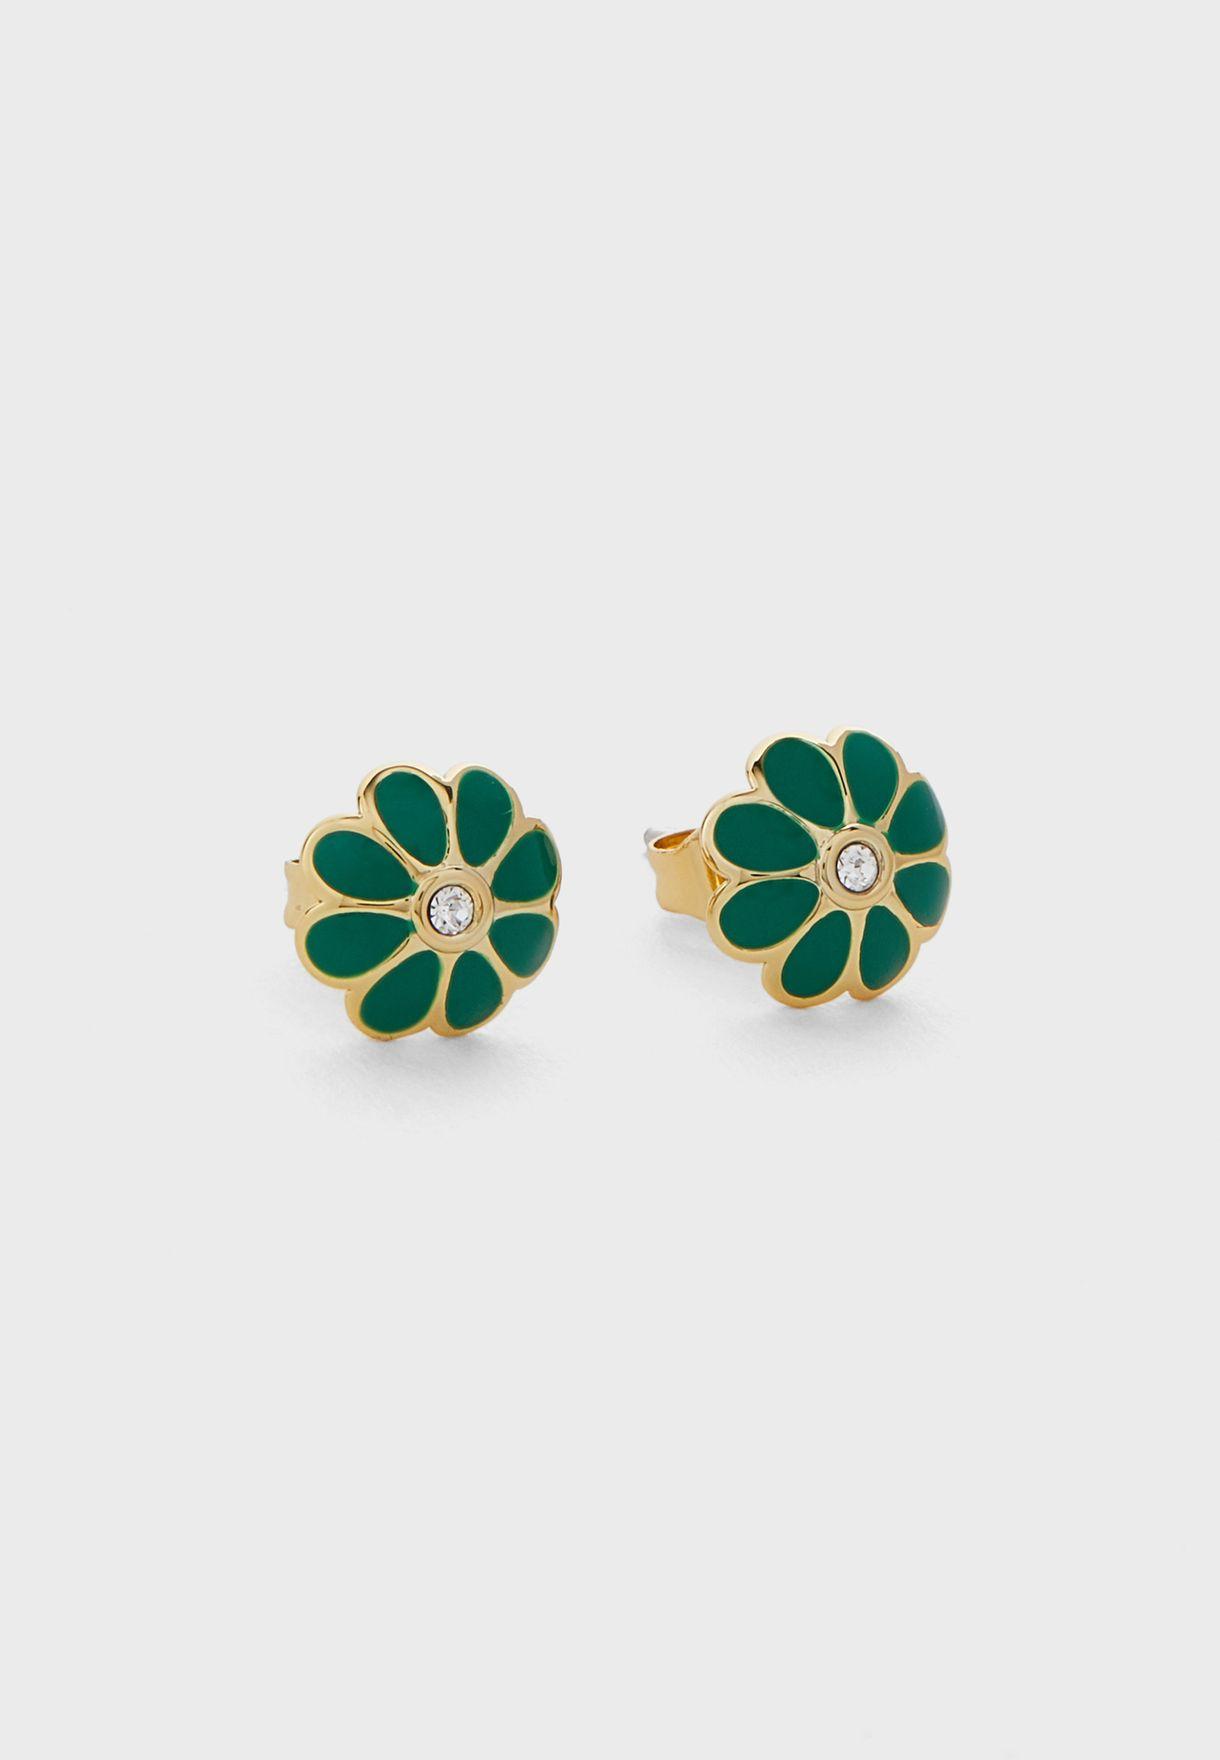 Daraeh Daisy Stud Earrings